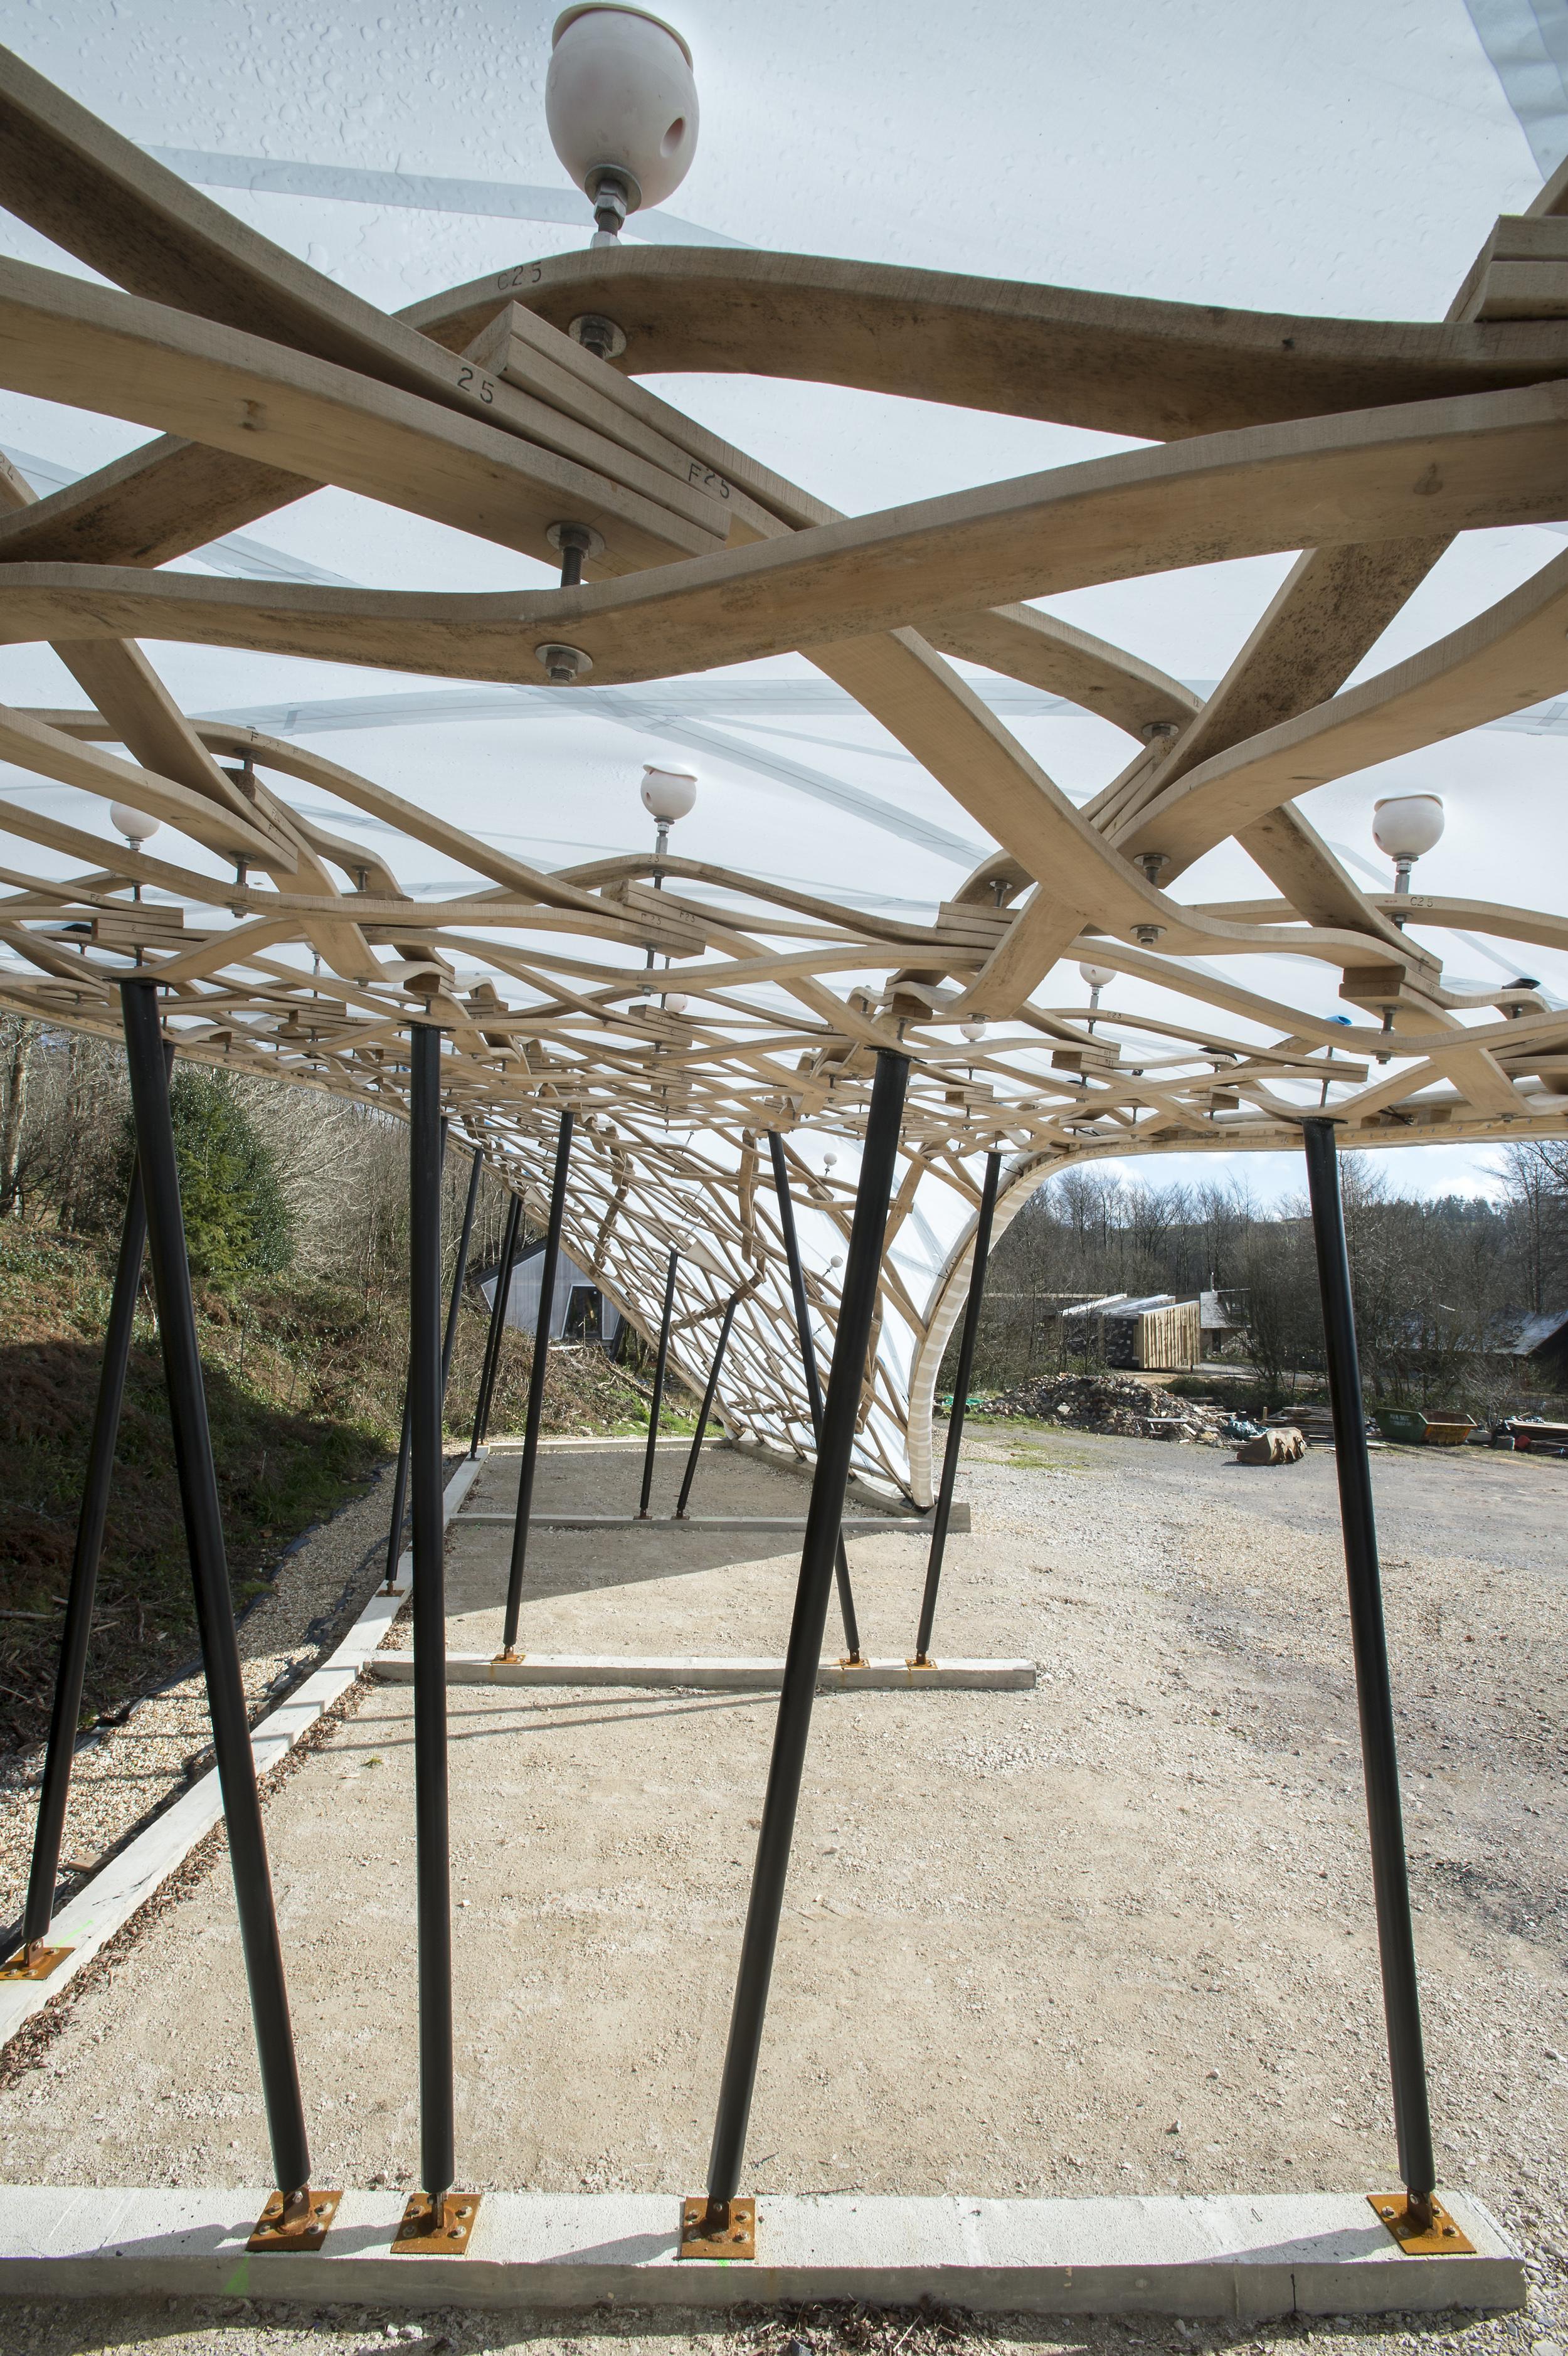 Hooke_Park_Design_&_Make_Timber_Seasoning_Shelter_©Valerie_Bennett_2014_02_22_0126.jpg